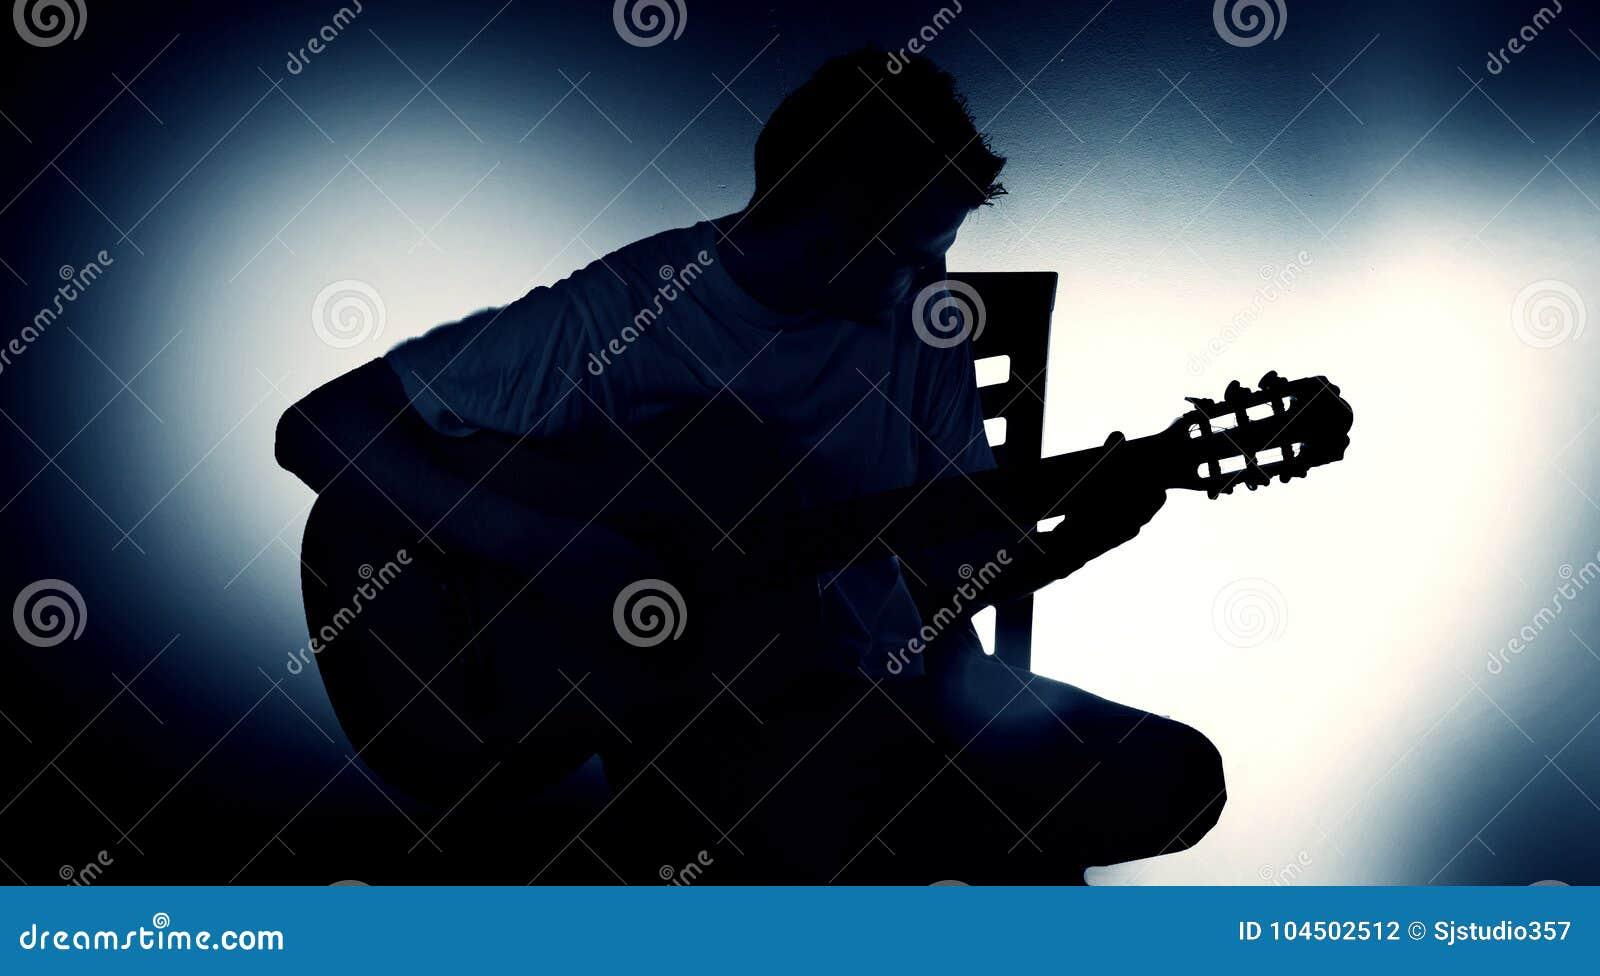 Siluetta di un chitarrista con una chitarra acustica che si siede su una sedia, fondo nero